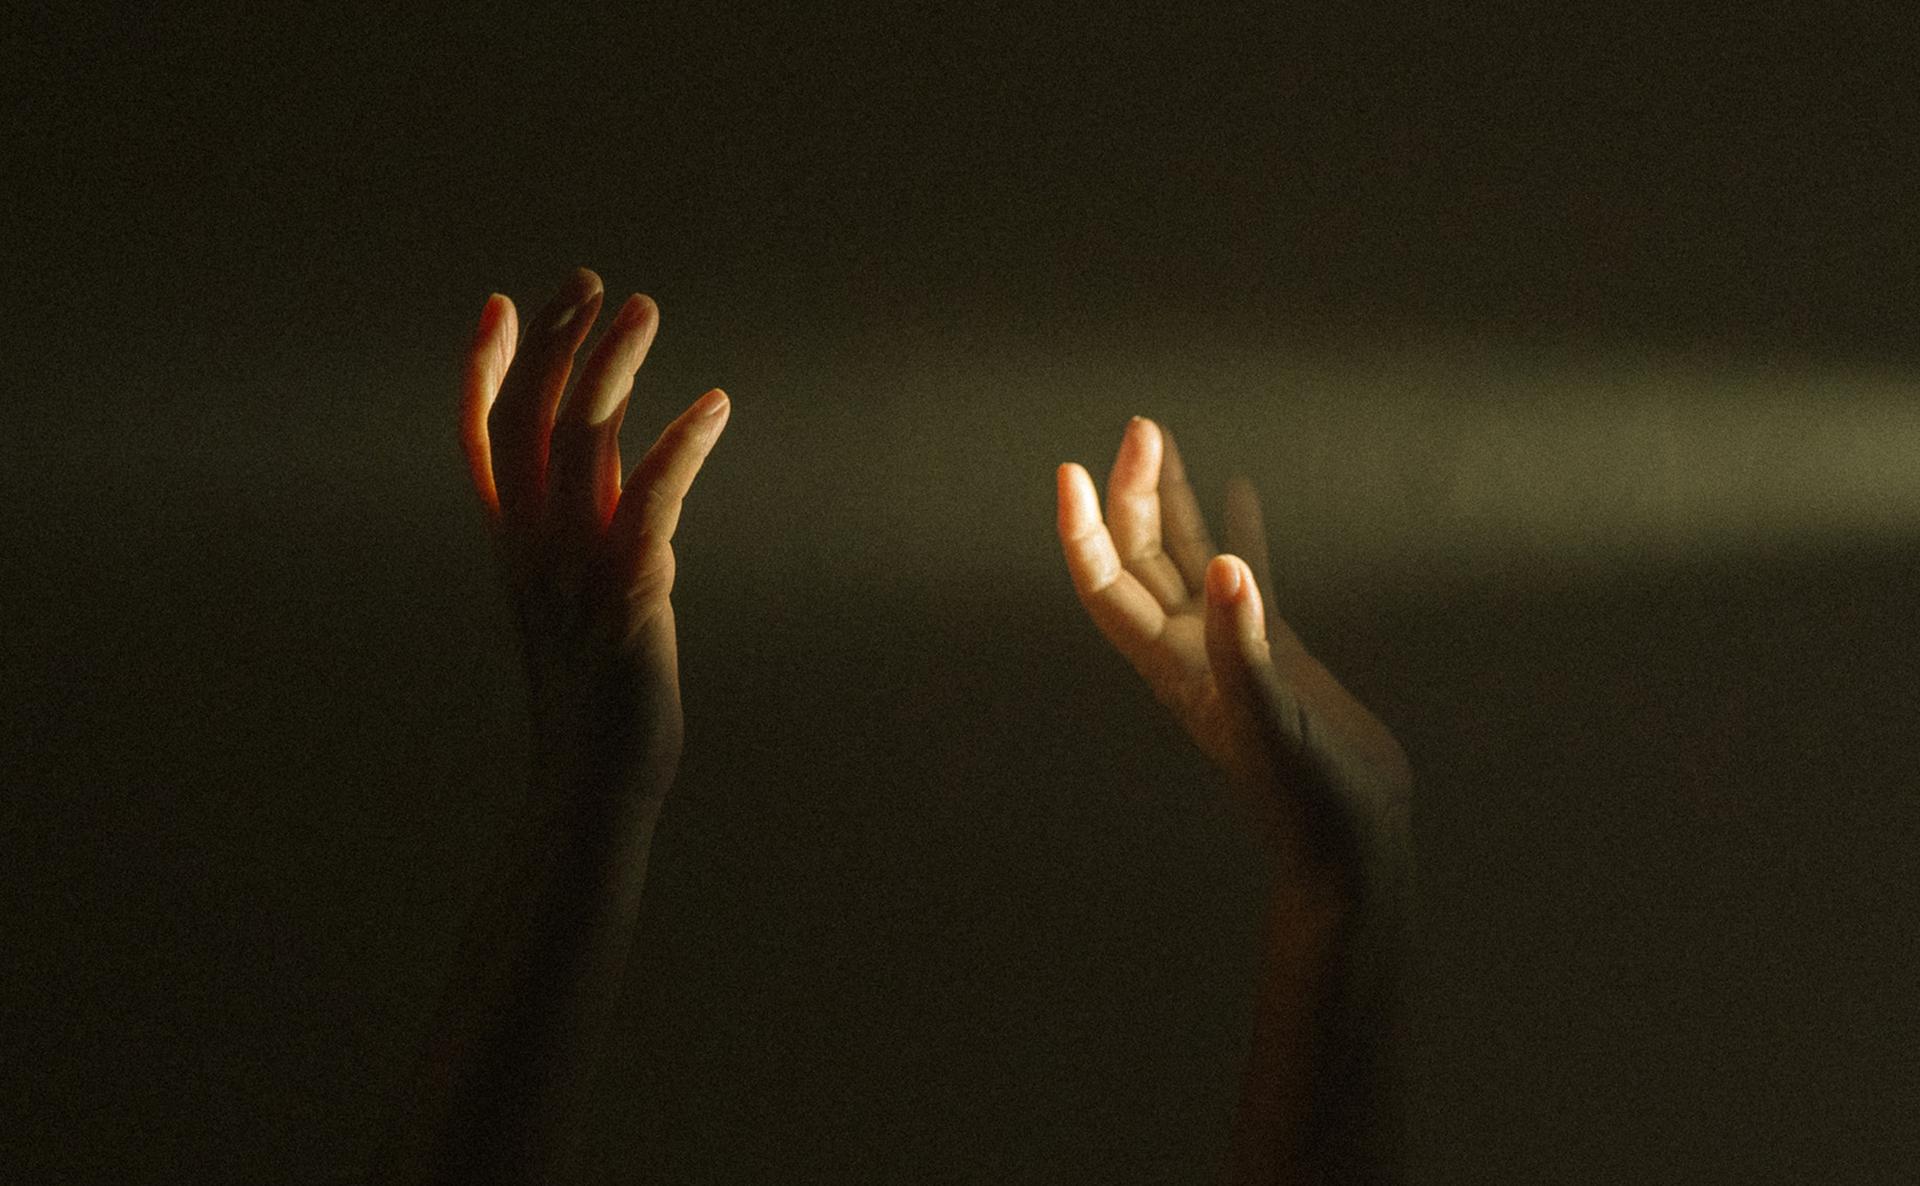 গোপালগঞ্জের এক নারী ঢাকায় ভর্তি, বাড়ি লকডাউন